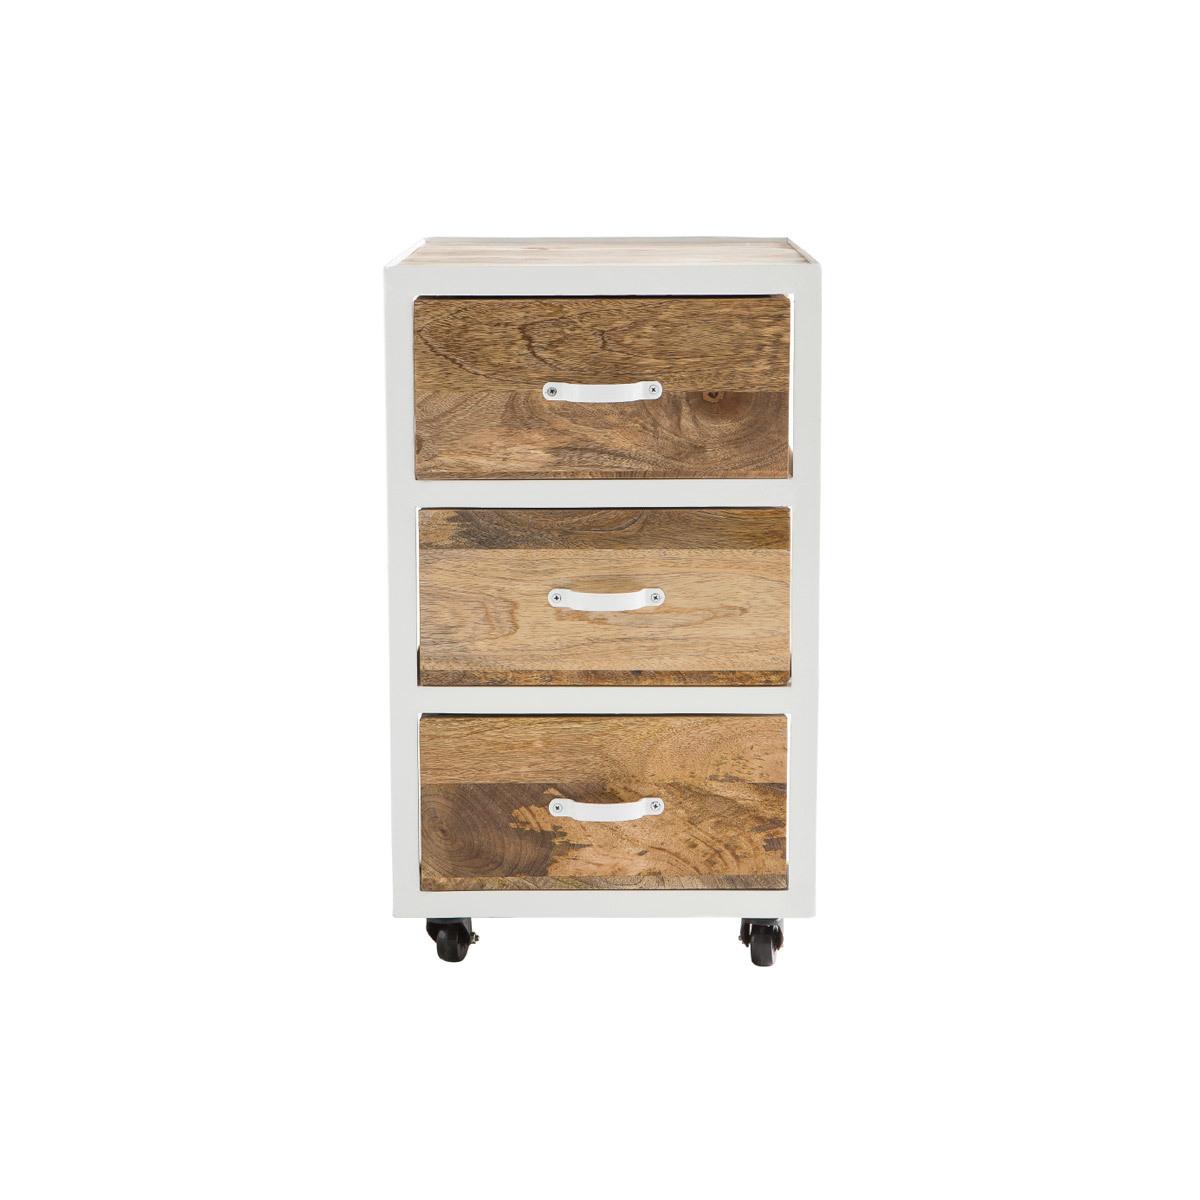 Cassettiera da scrivania design industriale in mango e metallo Bianco PUKKA